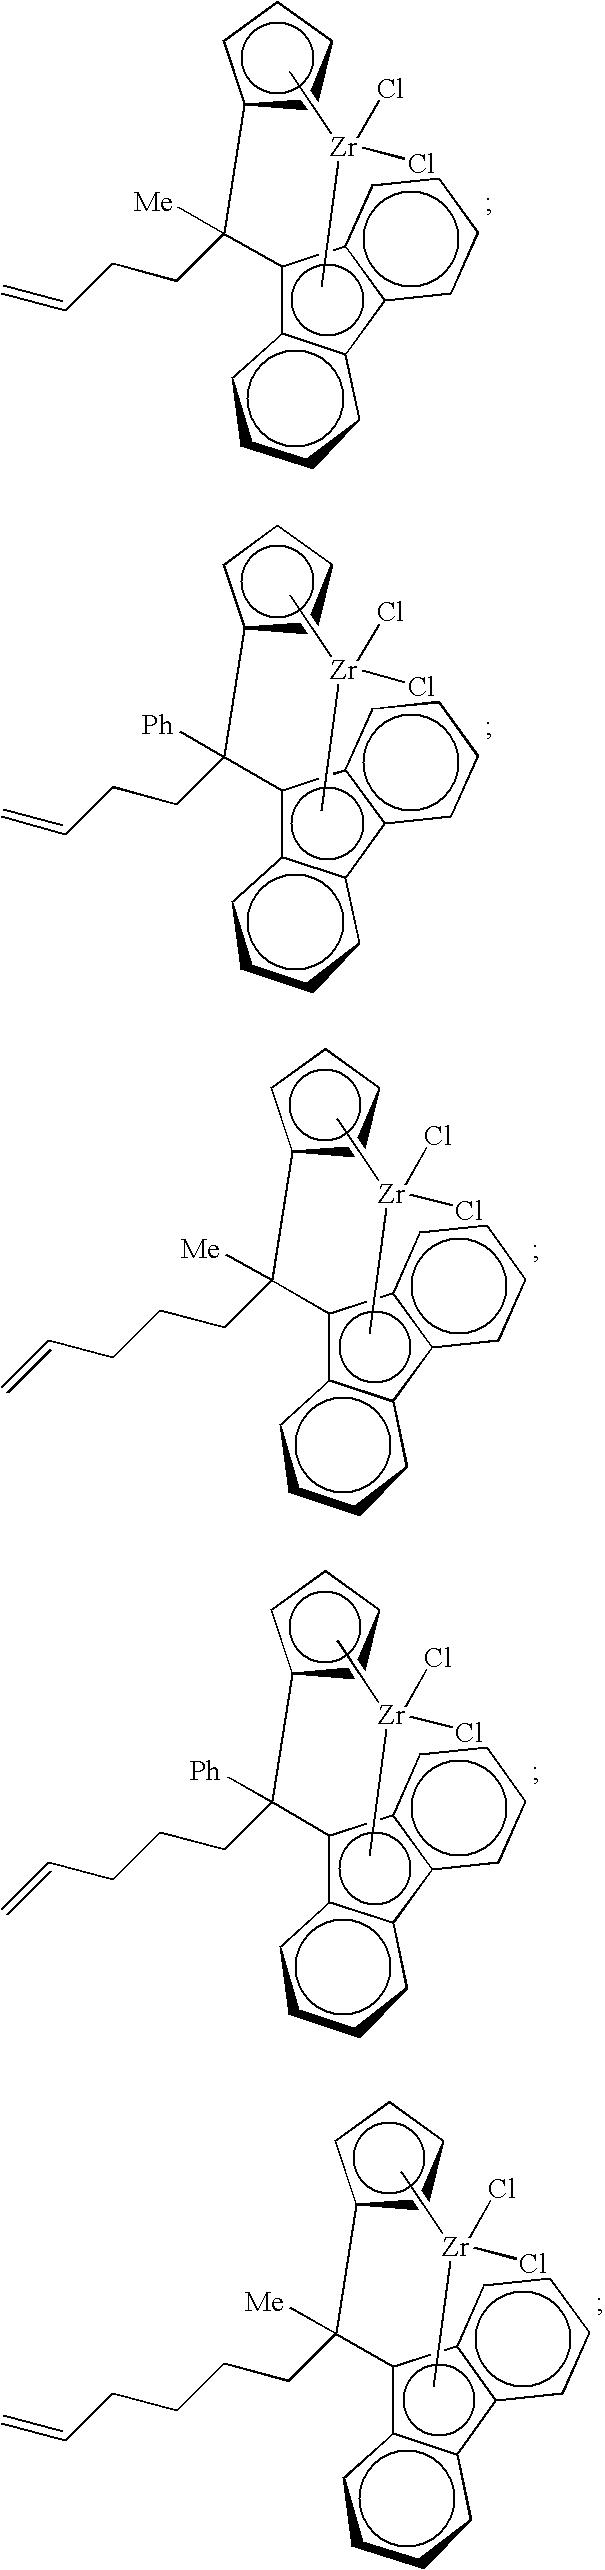 Figure US20050288461A1-20051229-C00027